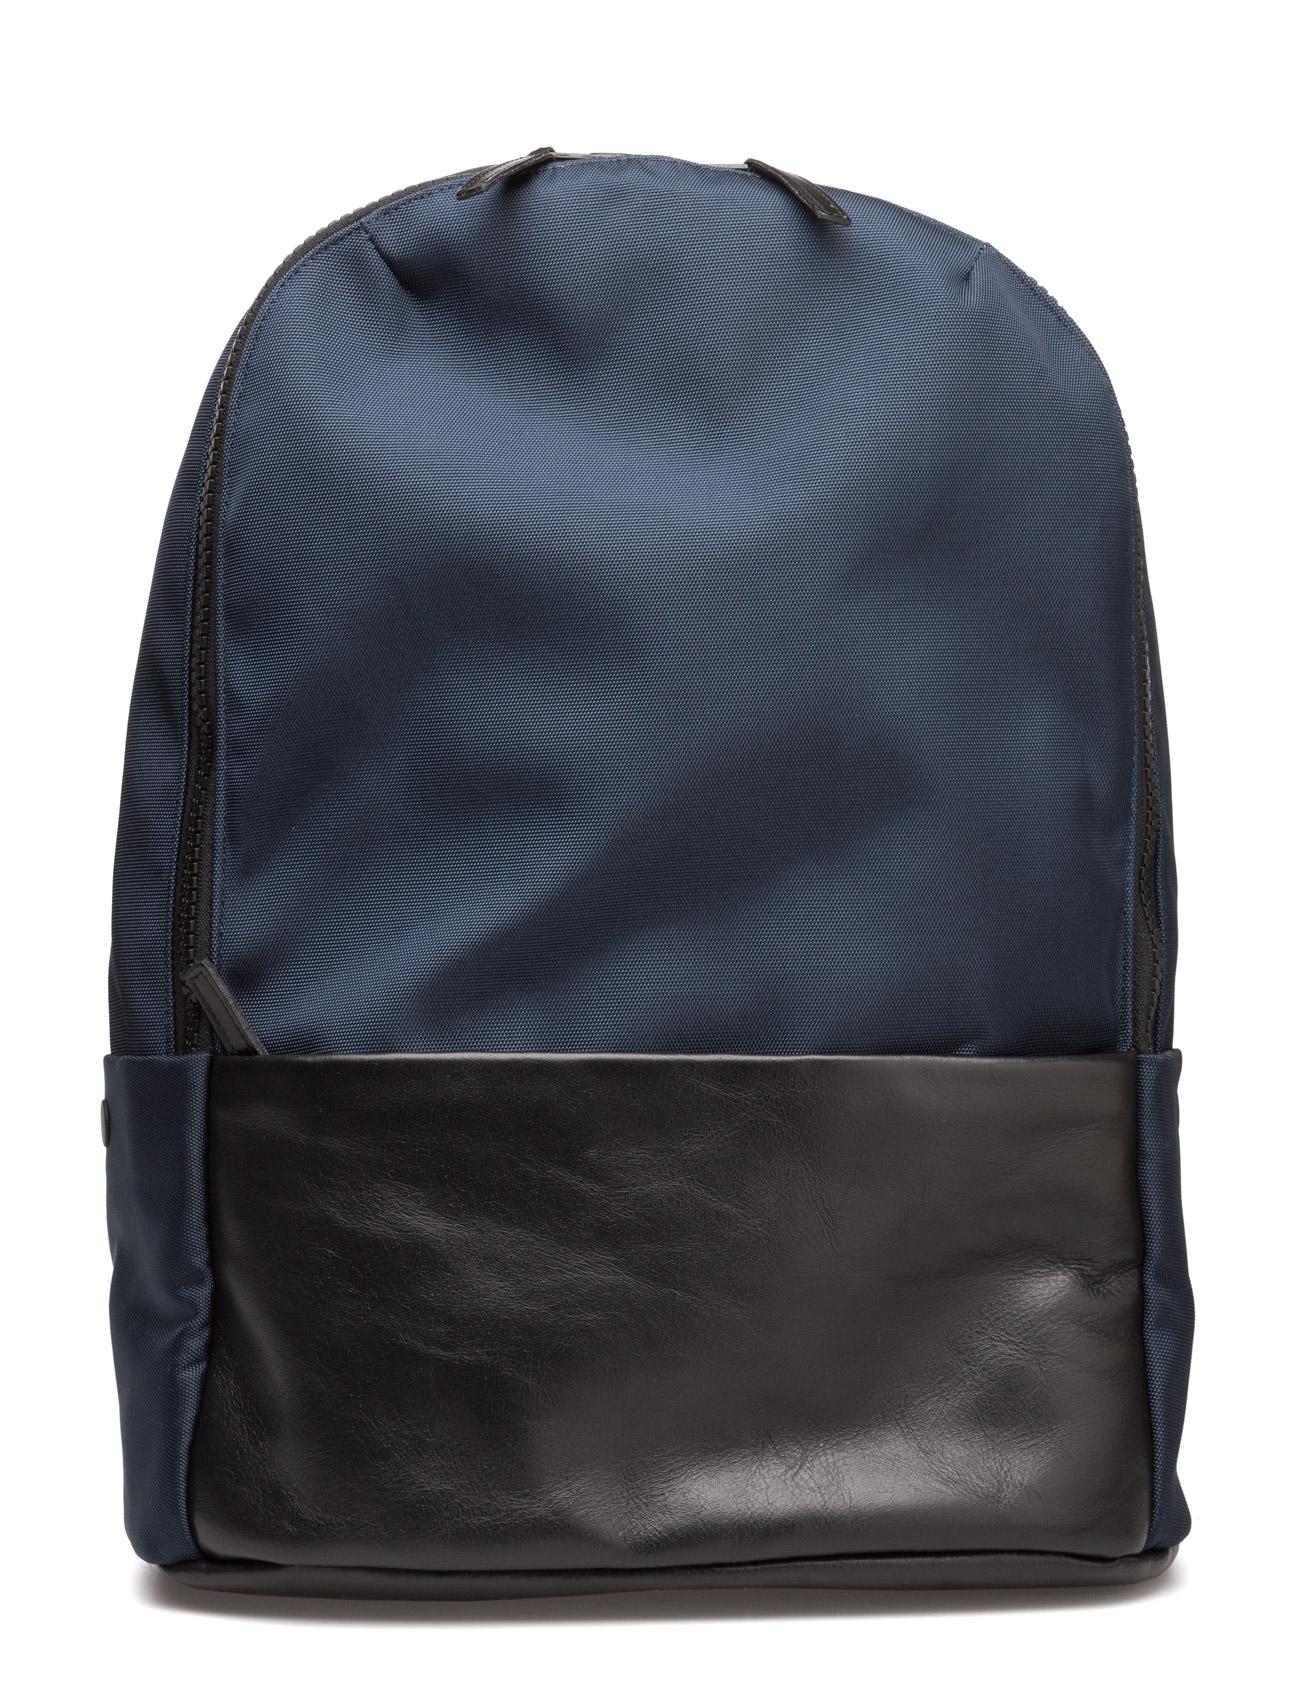 Galactic Courier Backpack Royal RepubliQ Rygsække til Herrer i Navy blå